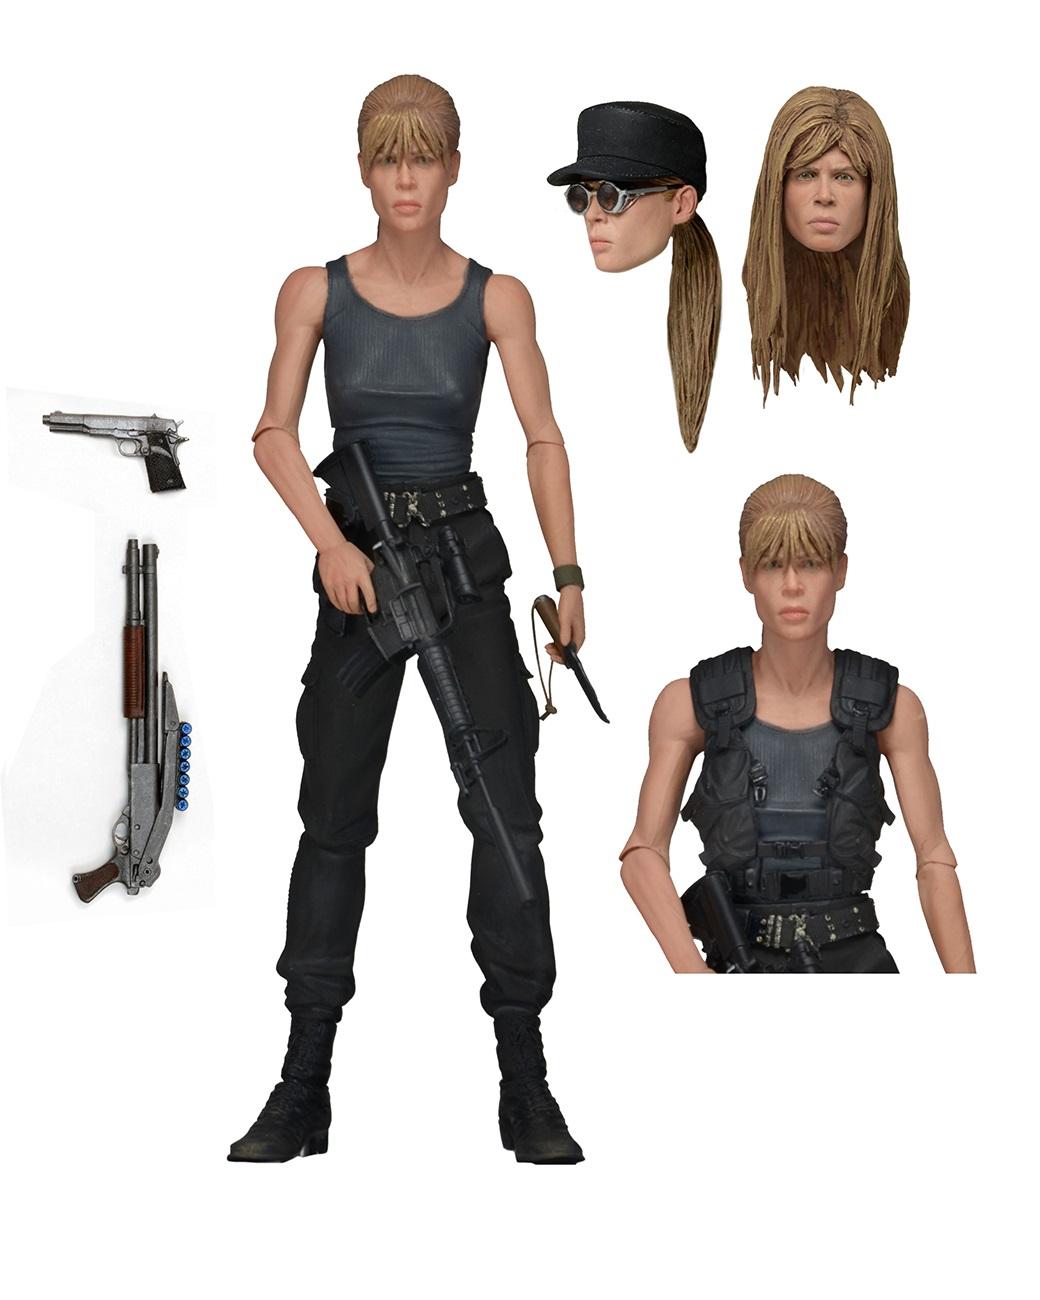 Фигурка Terminator 2 Ultimate Sarah Connor (17 см)Представляем вашему вниманию фигурку Terminator 2 Ultimate Sarah Connor, воплощающую собой Сару Коннор из фильма «Терминатор 2: Судный день».<br>